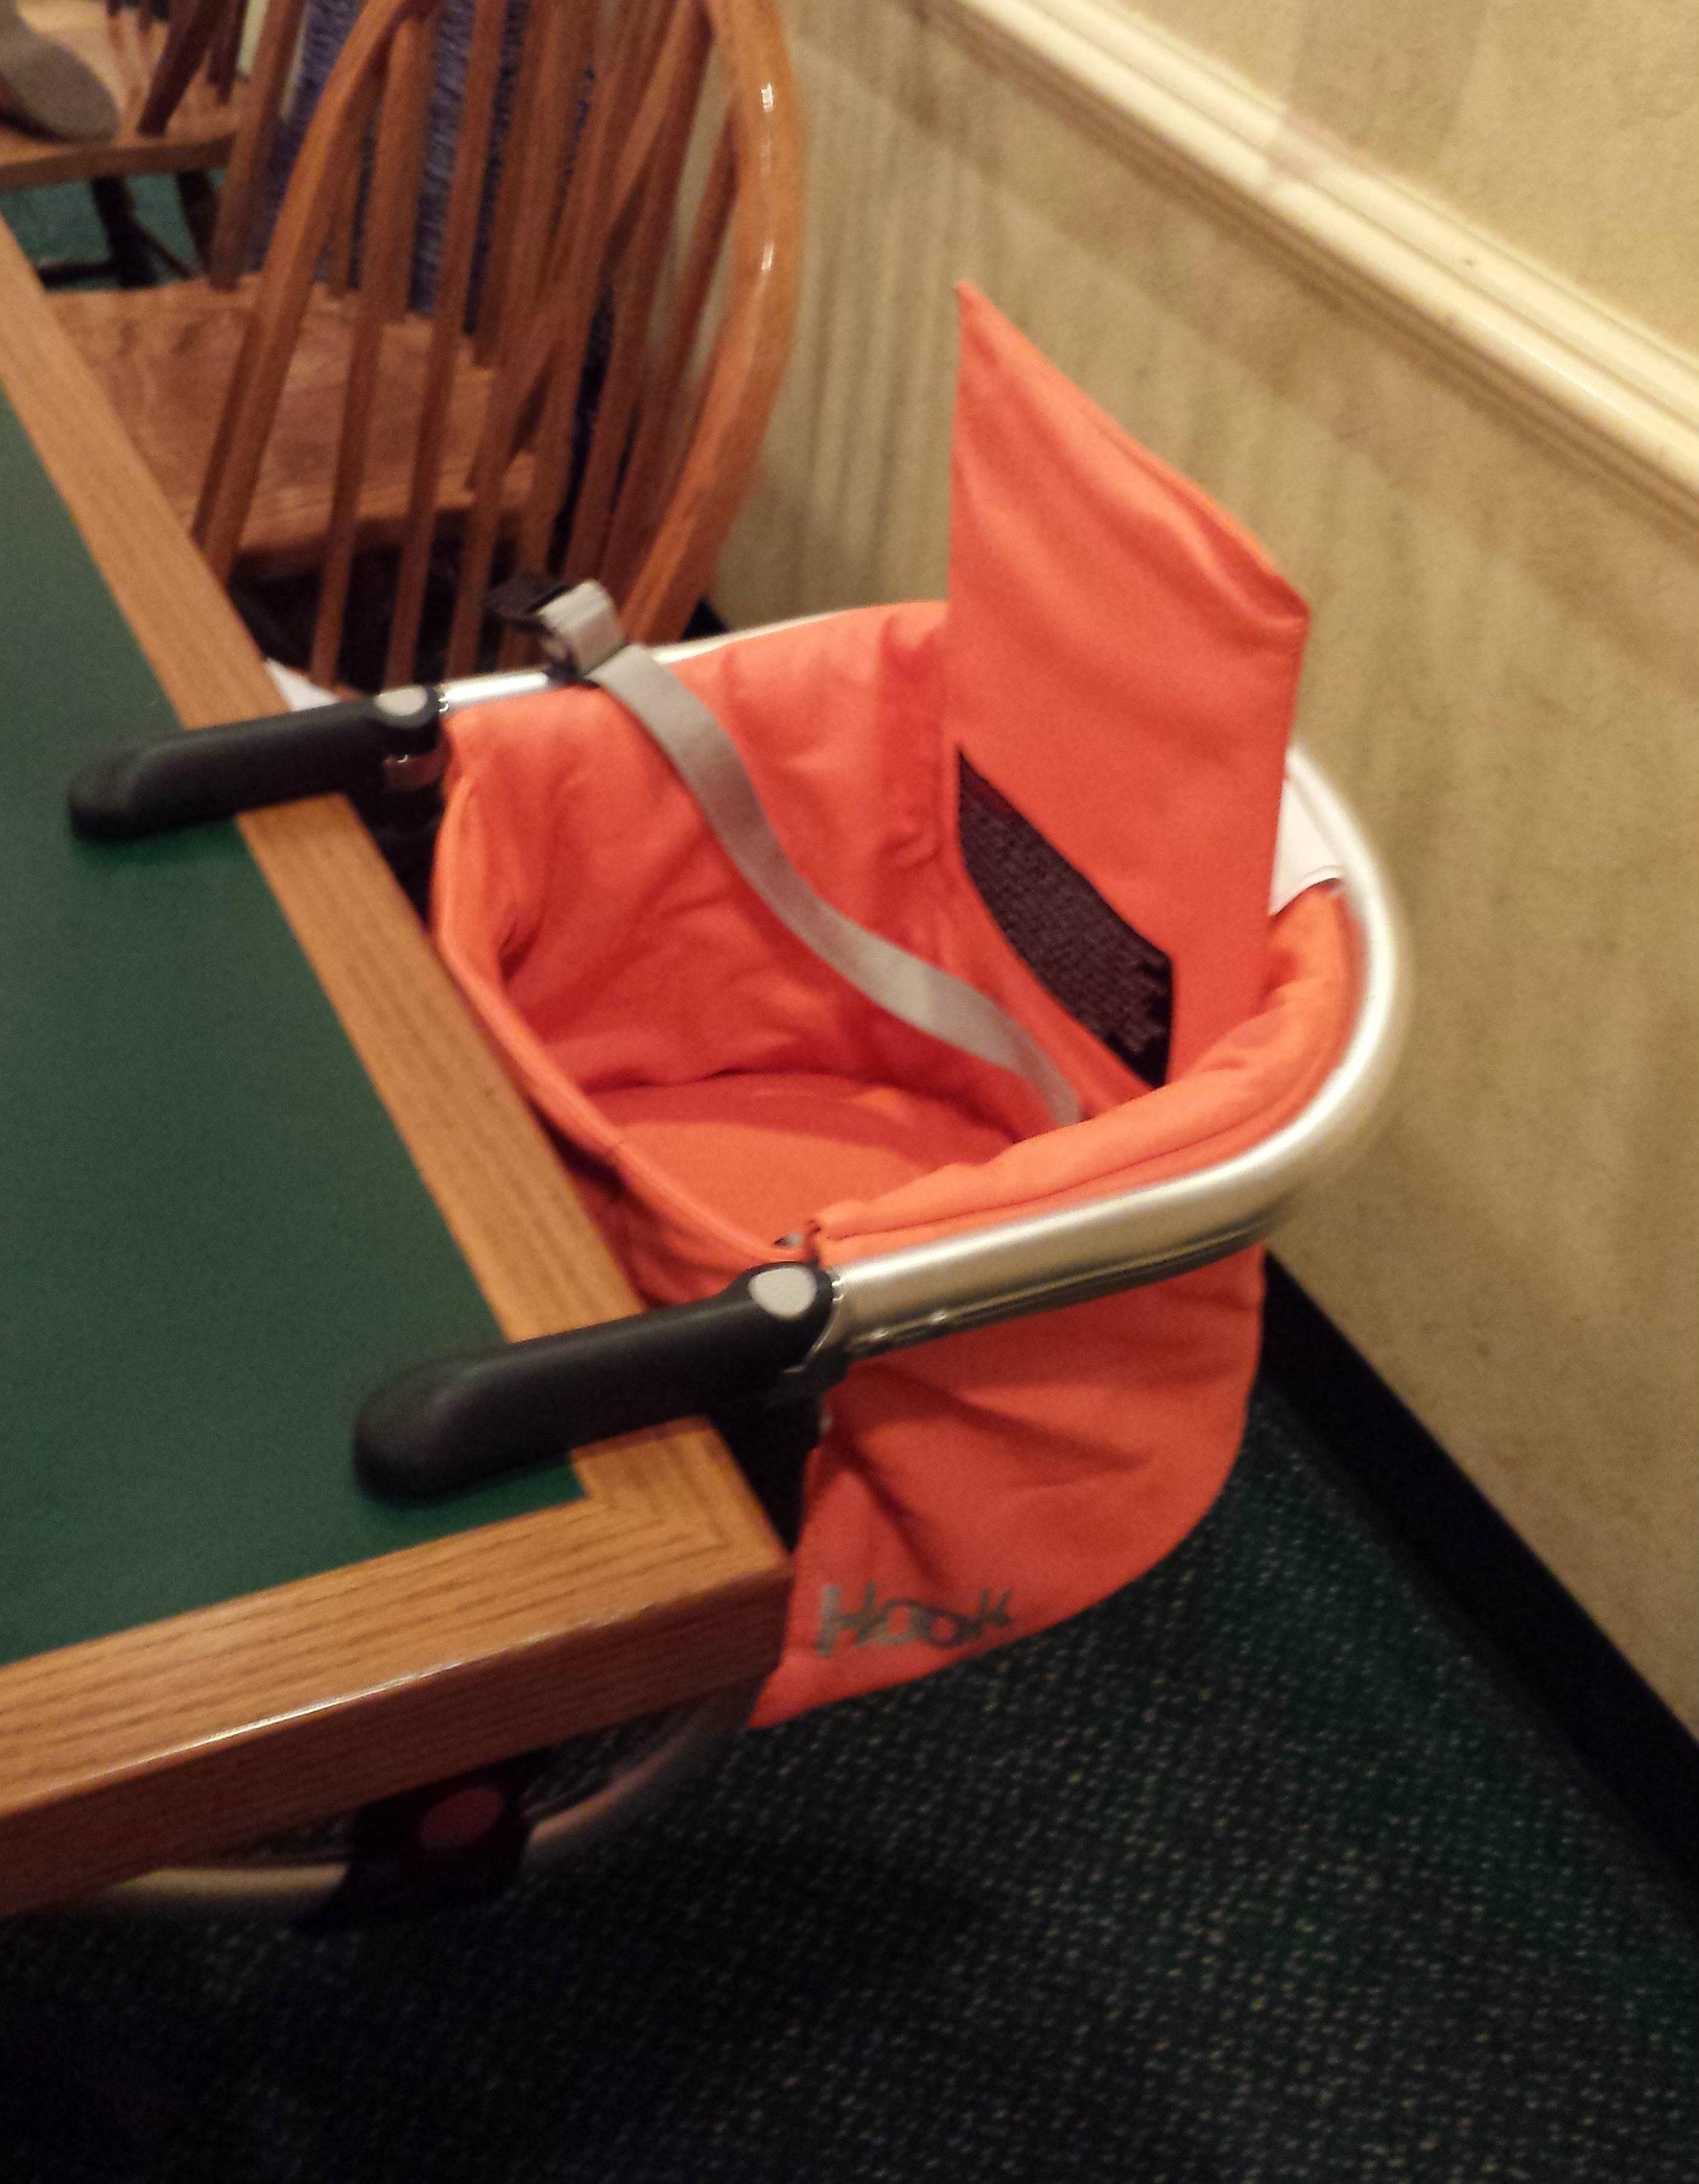 ... joovyhook2 & Joovy Hook - Leatherette Hook-On Chair - momma in flip flops